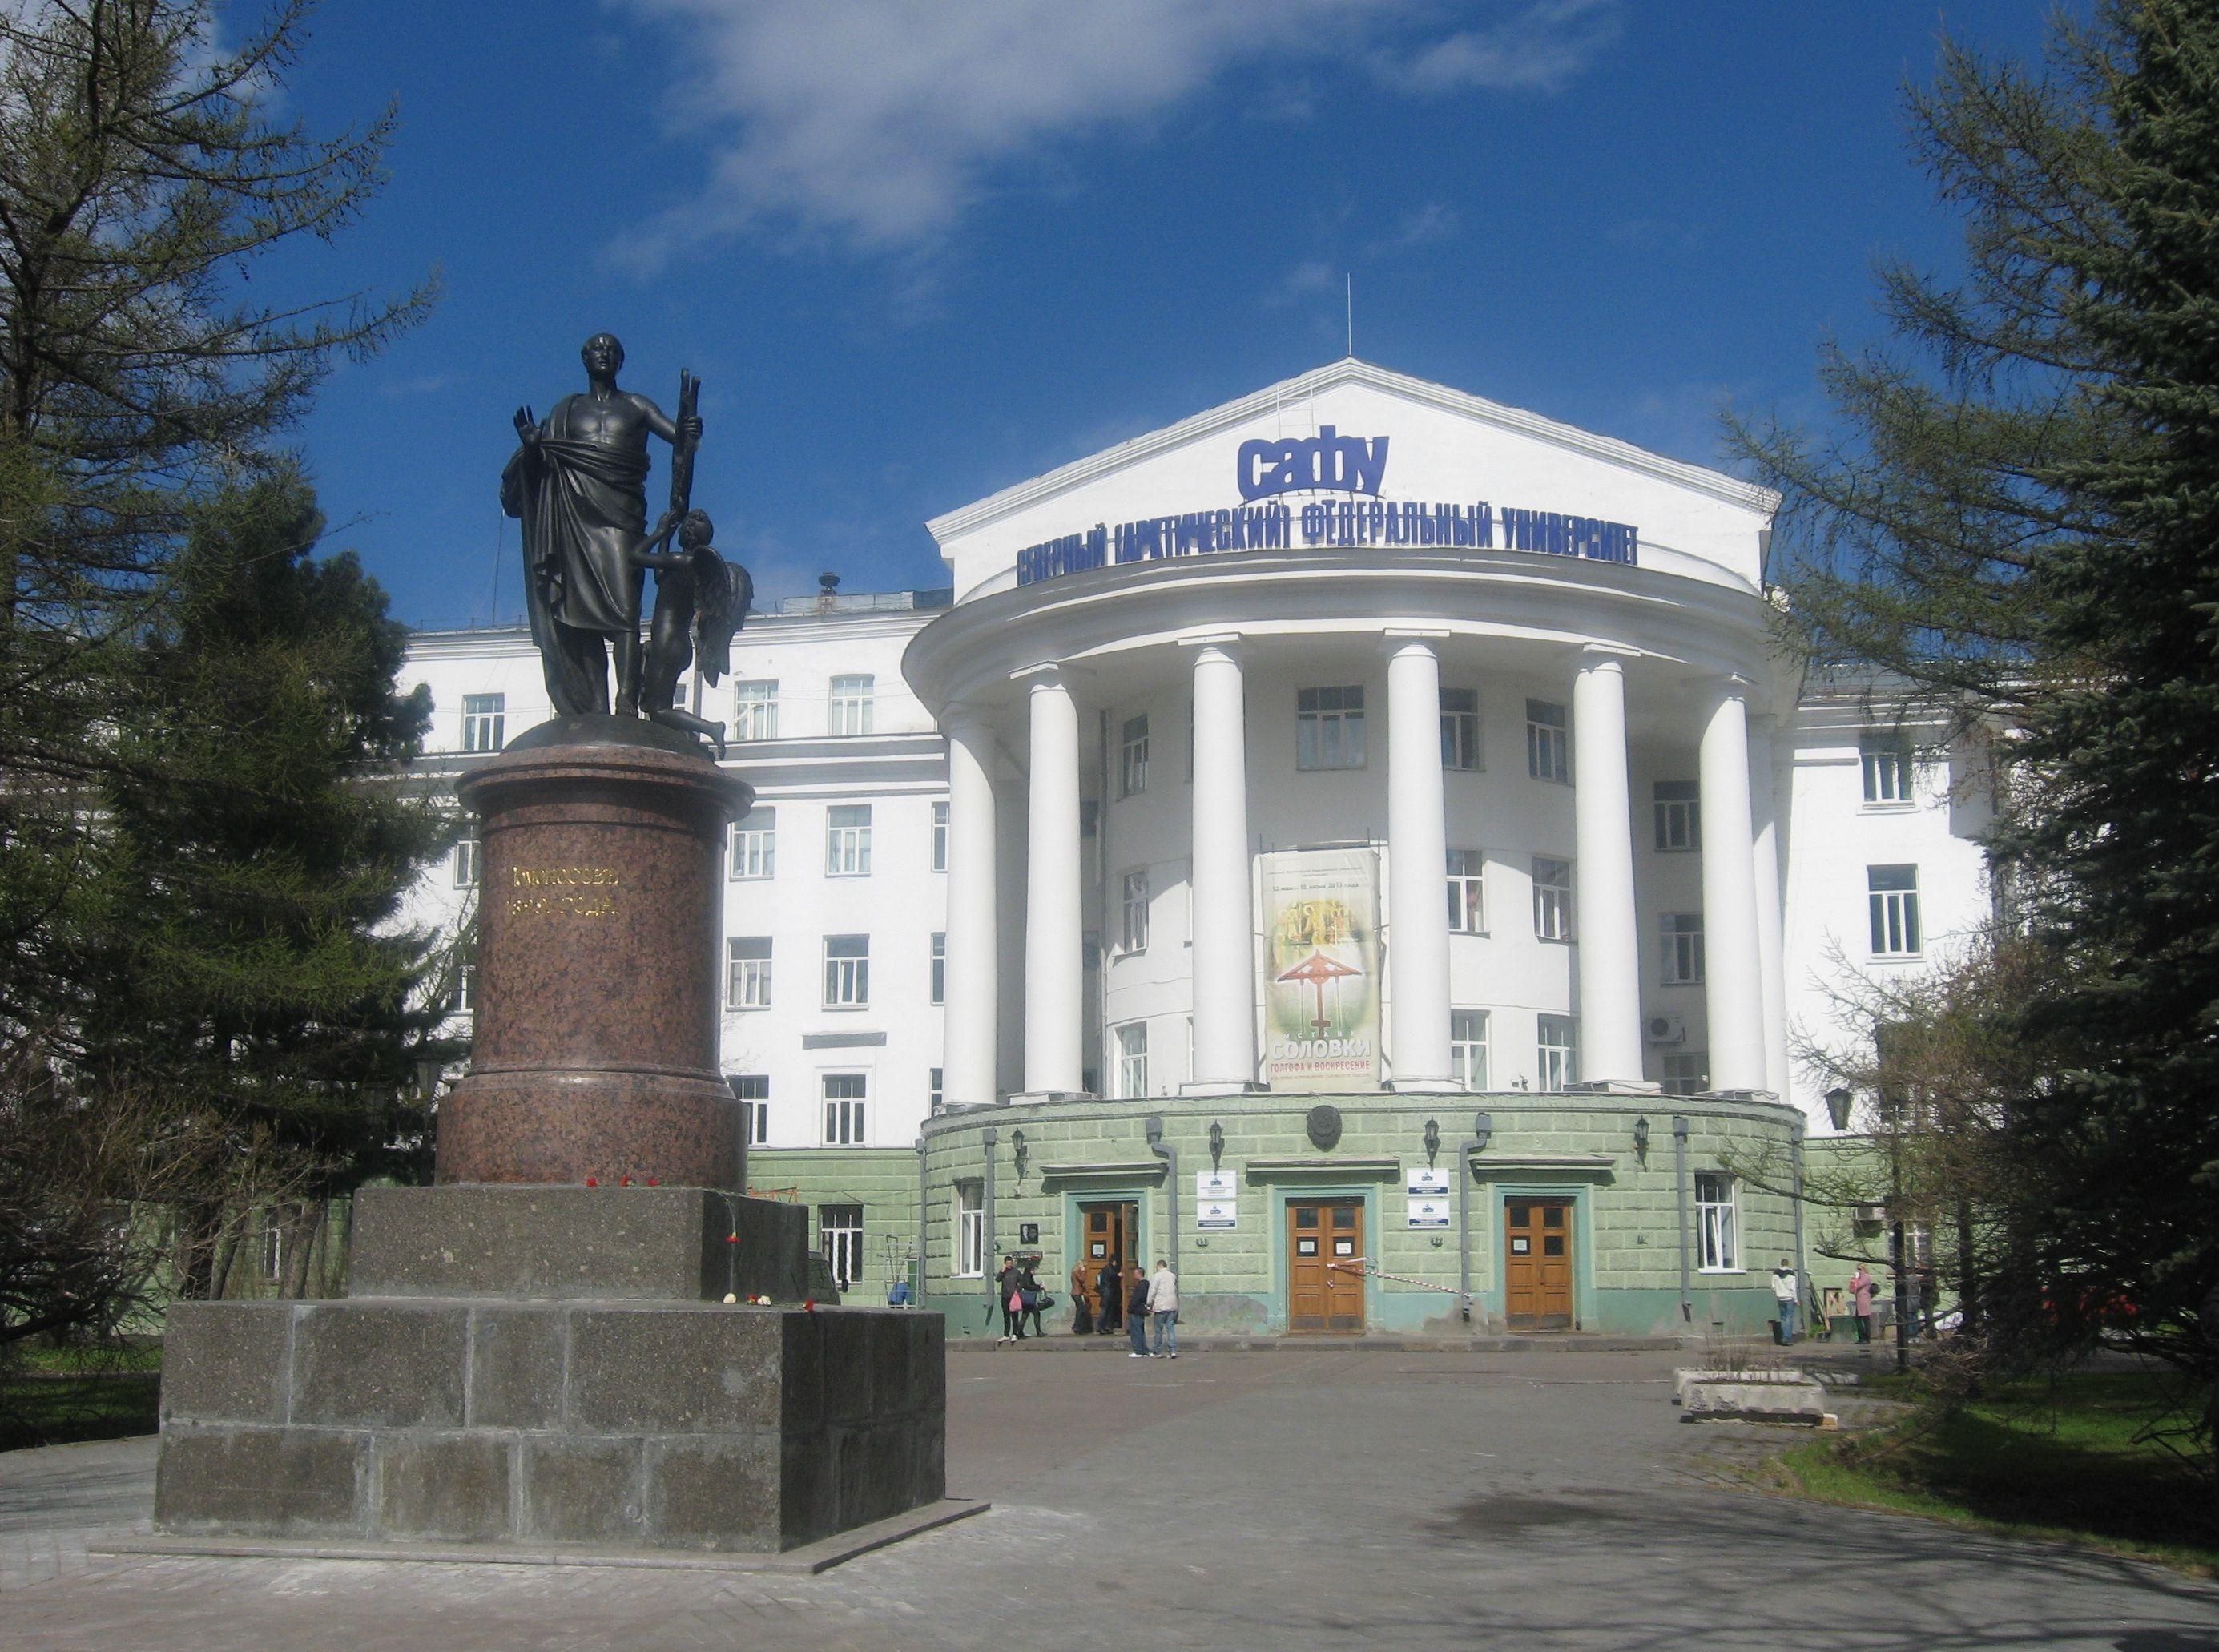 Северный (Арктический) федеральный университет имени М.В. Ломоносова